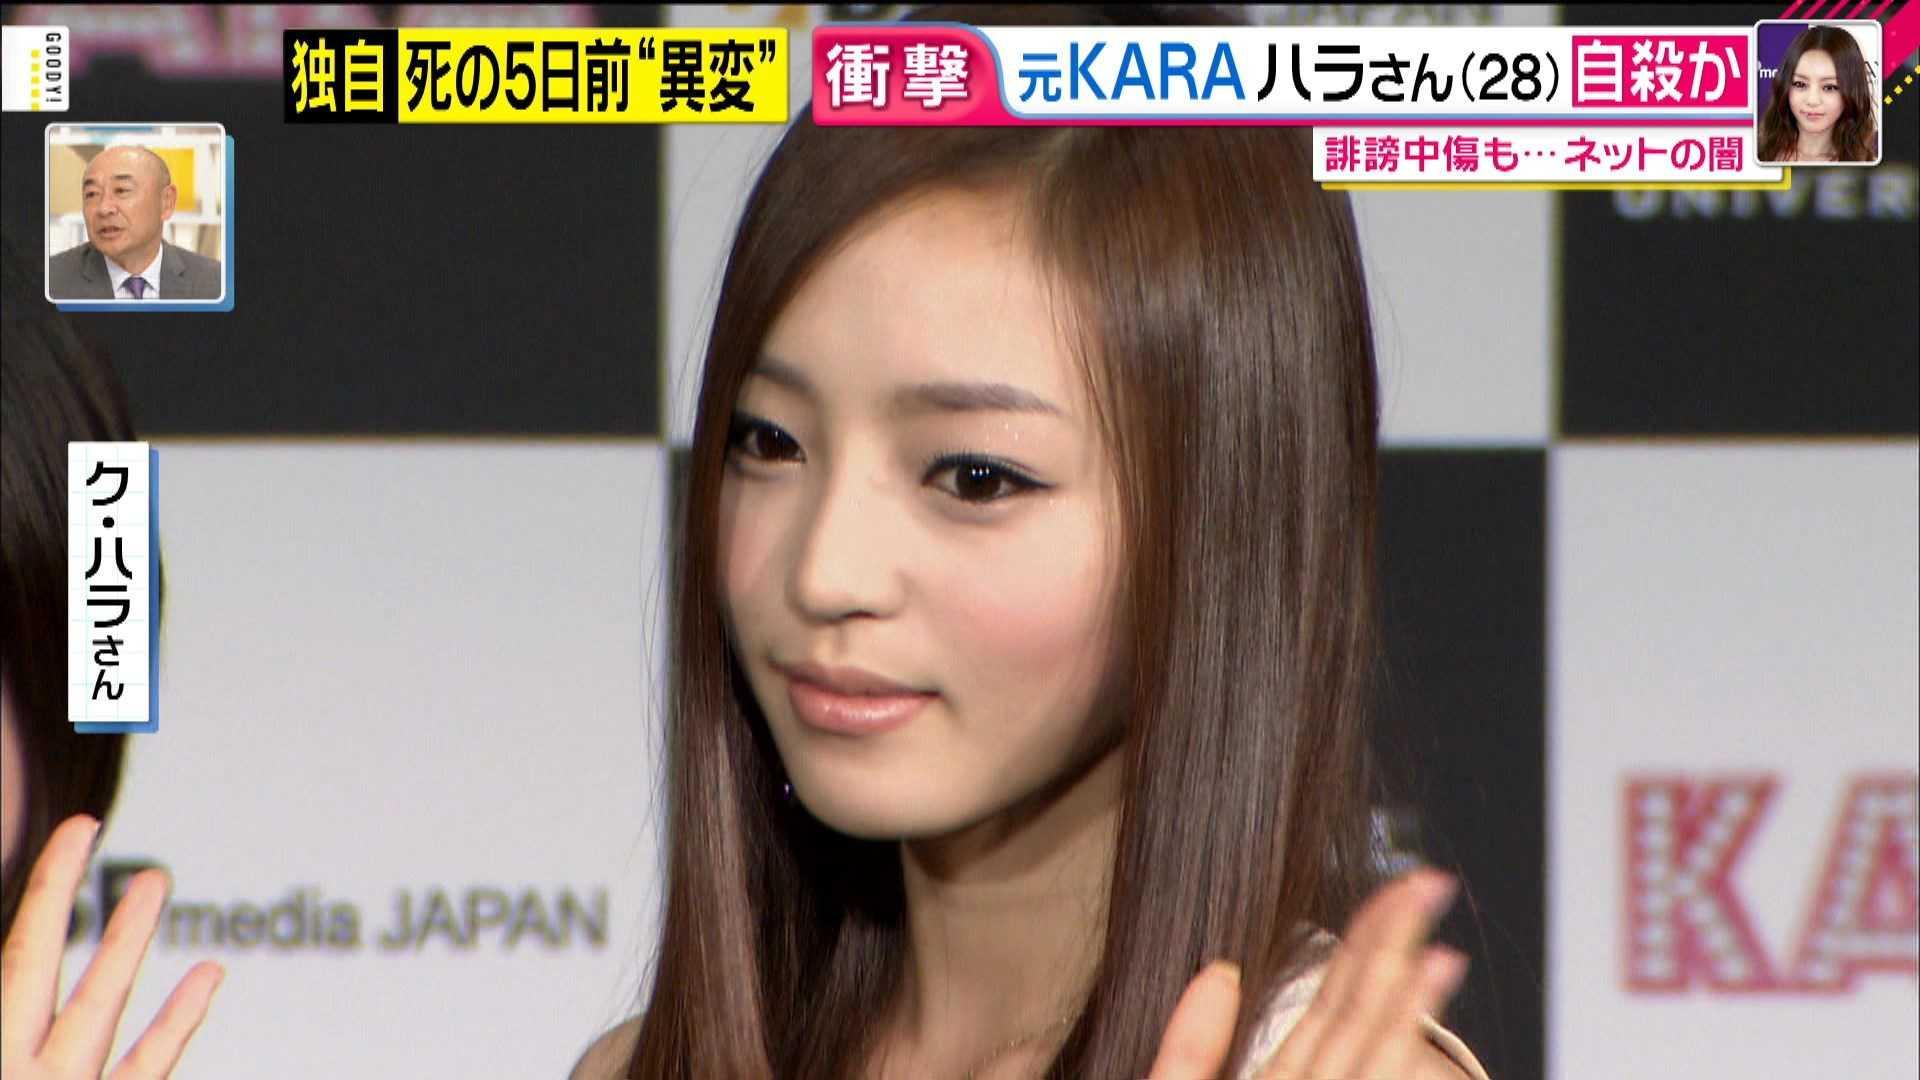 KARA元メンバー、ク・ハラさん(28)自殺